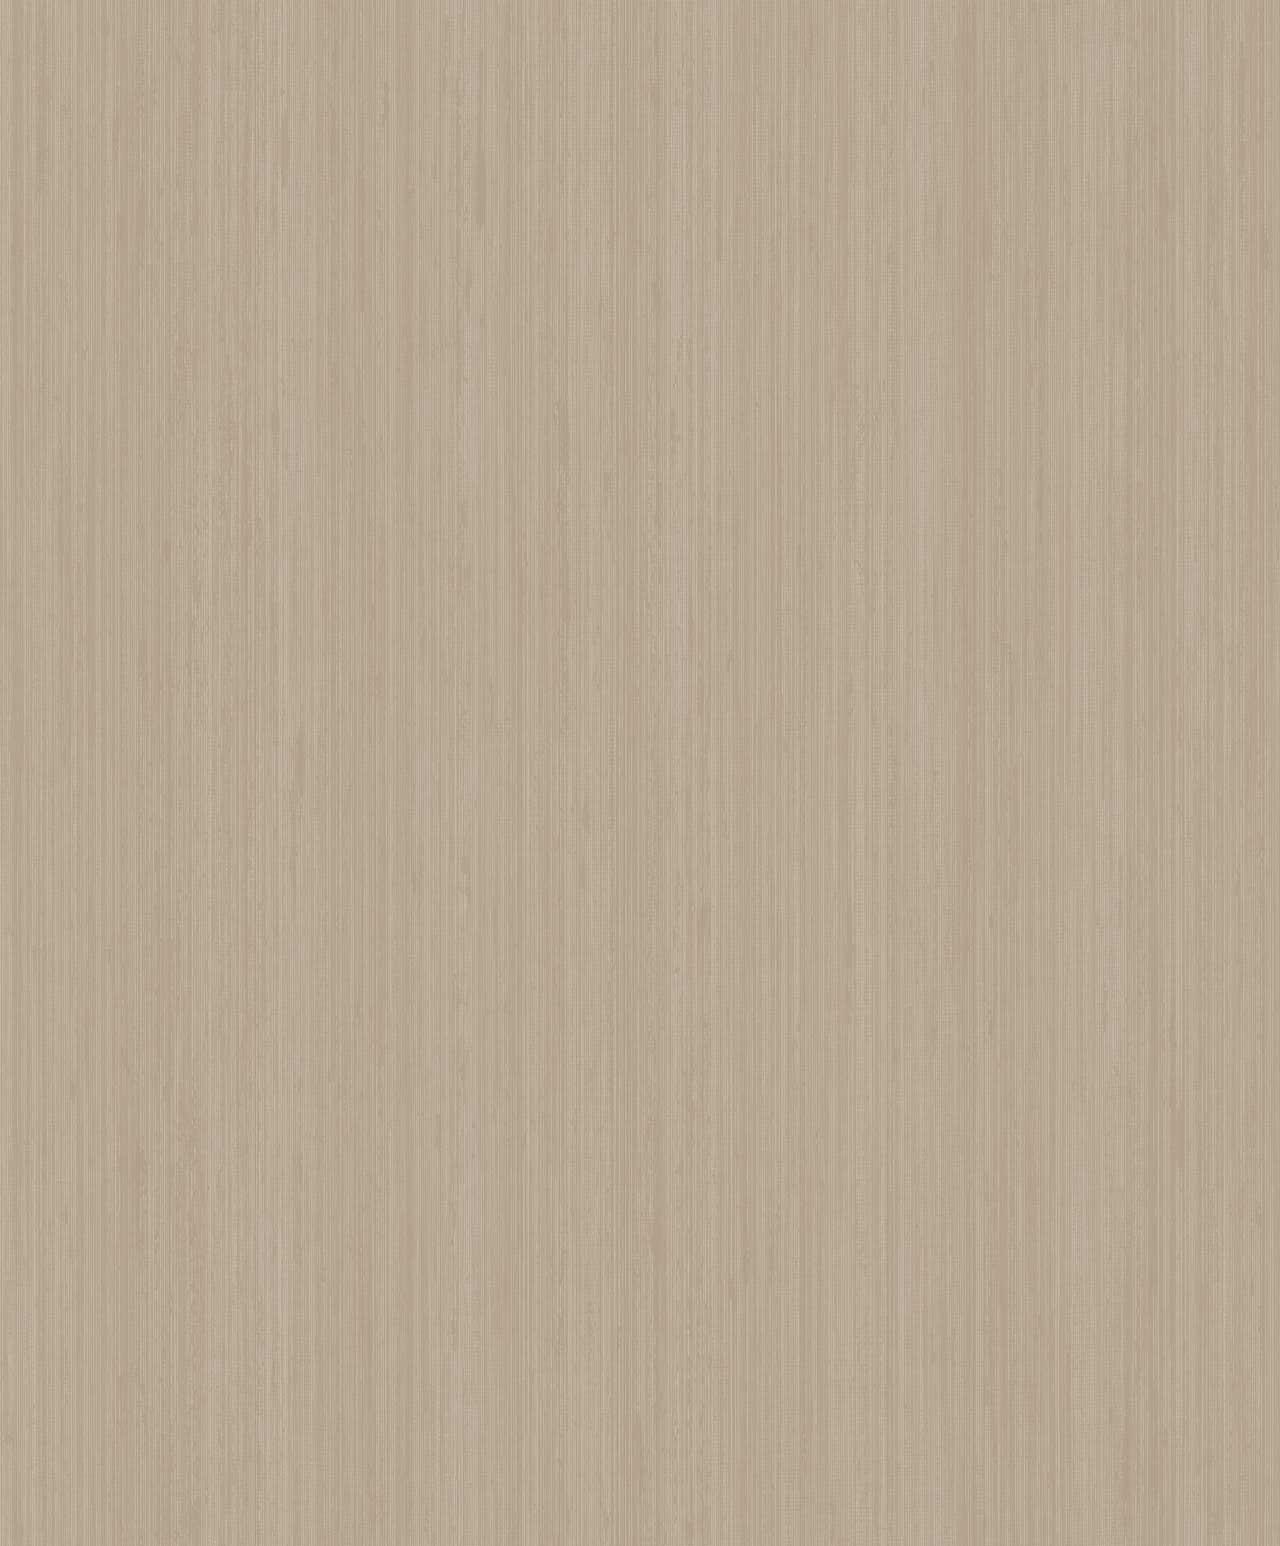 Sloan-Luxury-Wallpaper-SL00816-SLOANE-